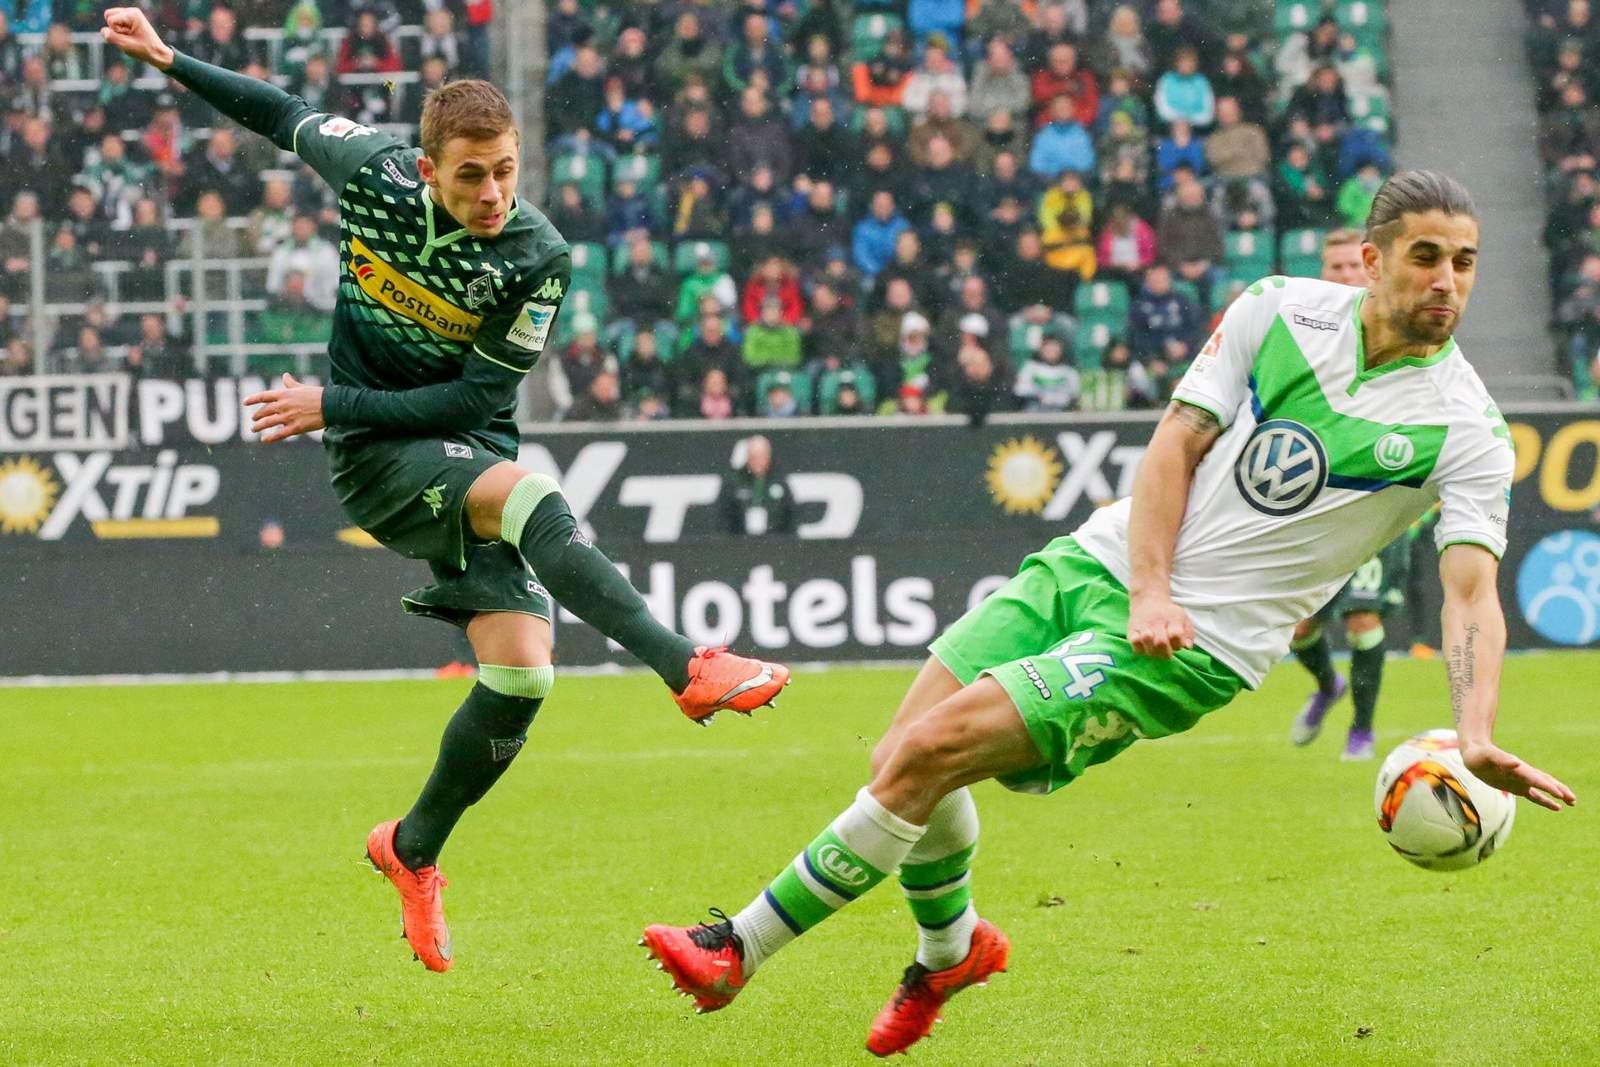 Trifft Hazard wieder? Jetzt auf Gladbach gegen Wolfsburg wetten